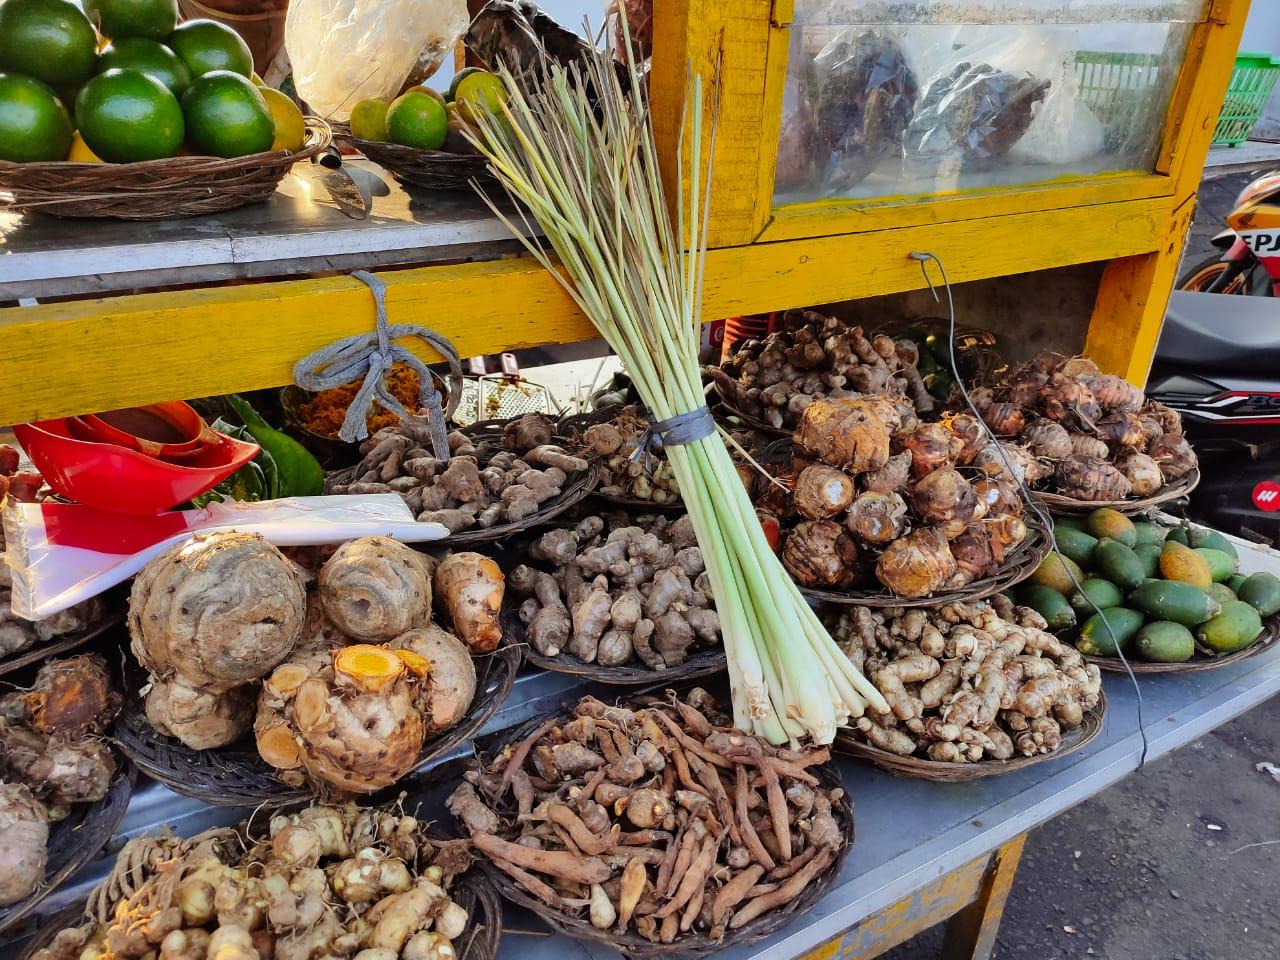 Bahan-bahan yang akan di olah untuk berbagai jenis minuman herbal yang berlokasi di depan Aula Pendopo Tangerang, dekat dengan gapura Kawasan Pasar Lama, Kota Tangerang.